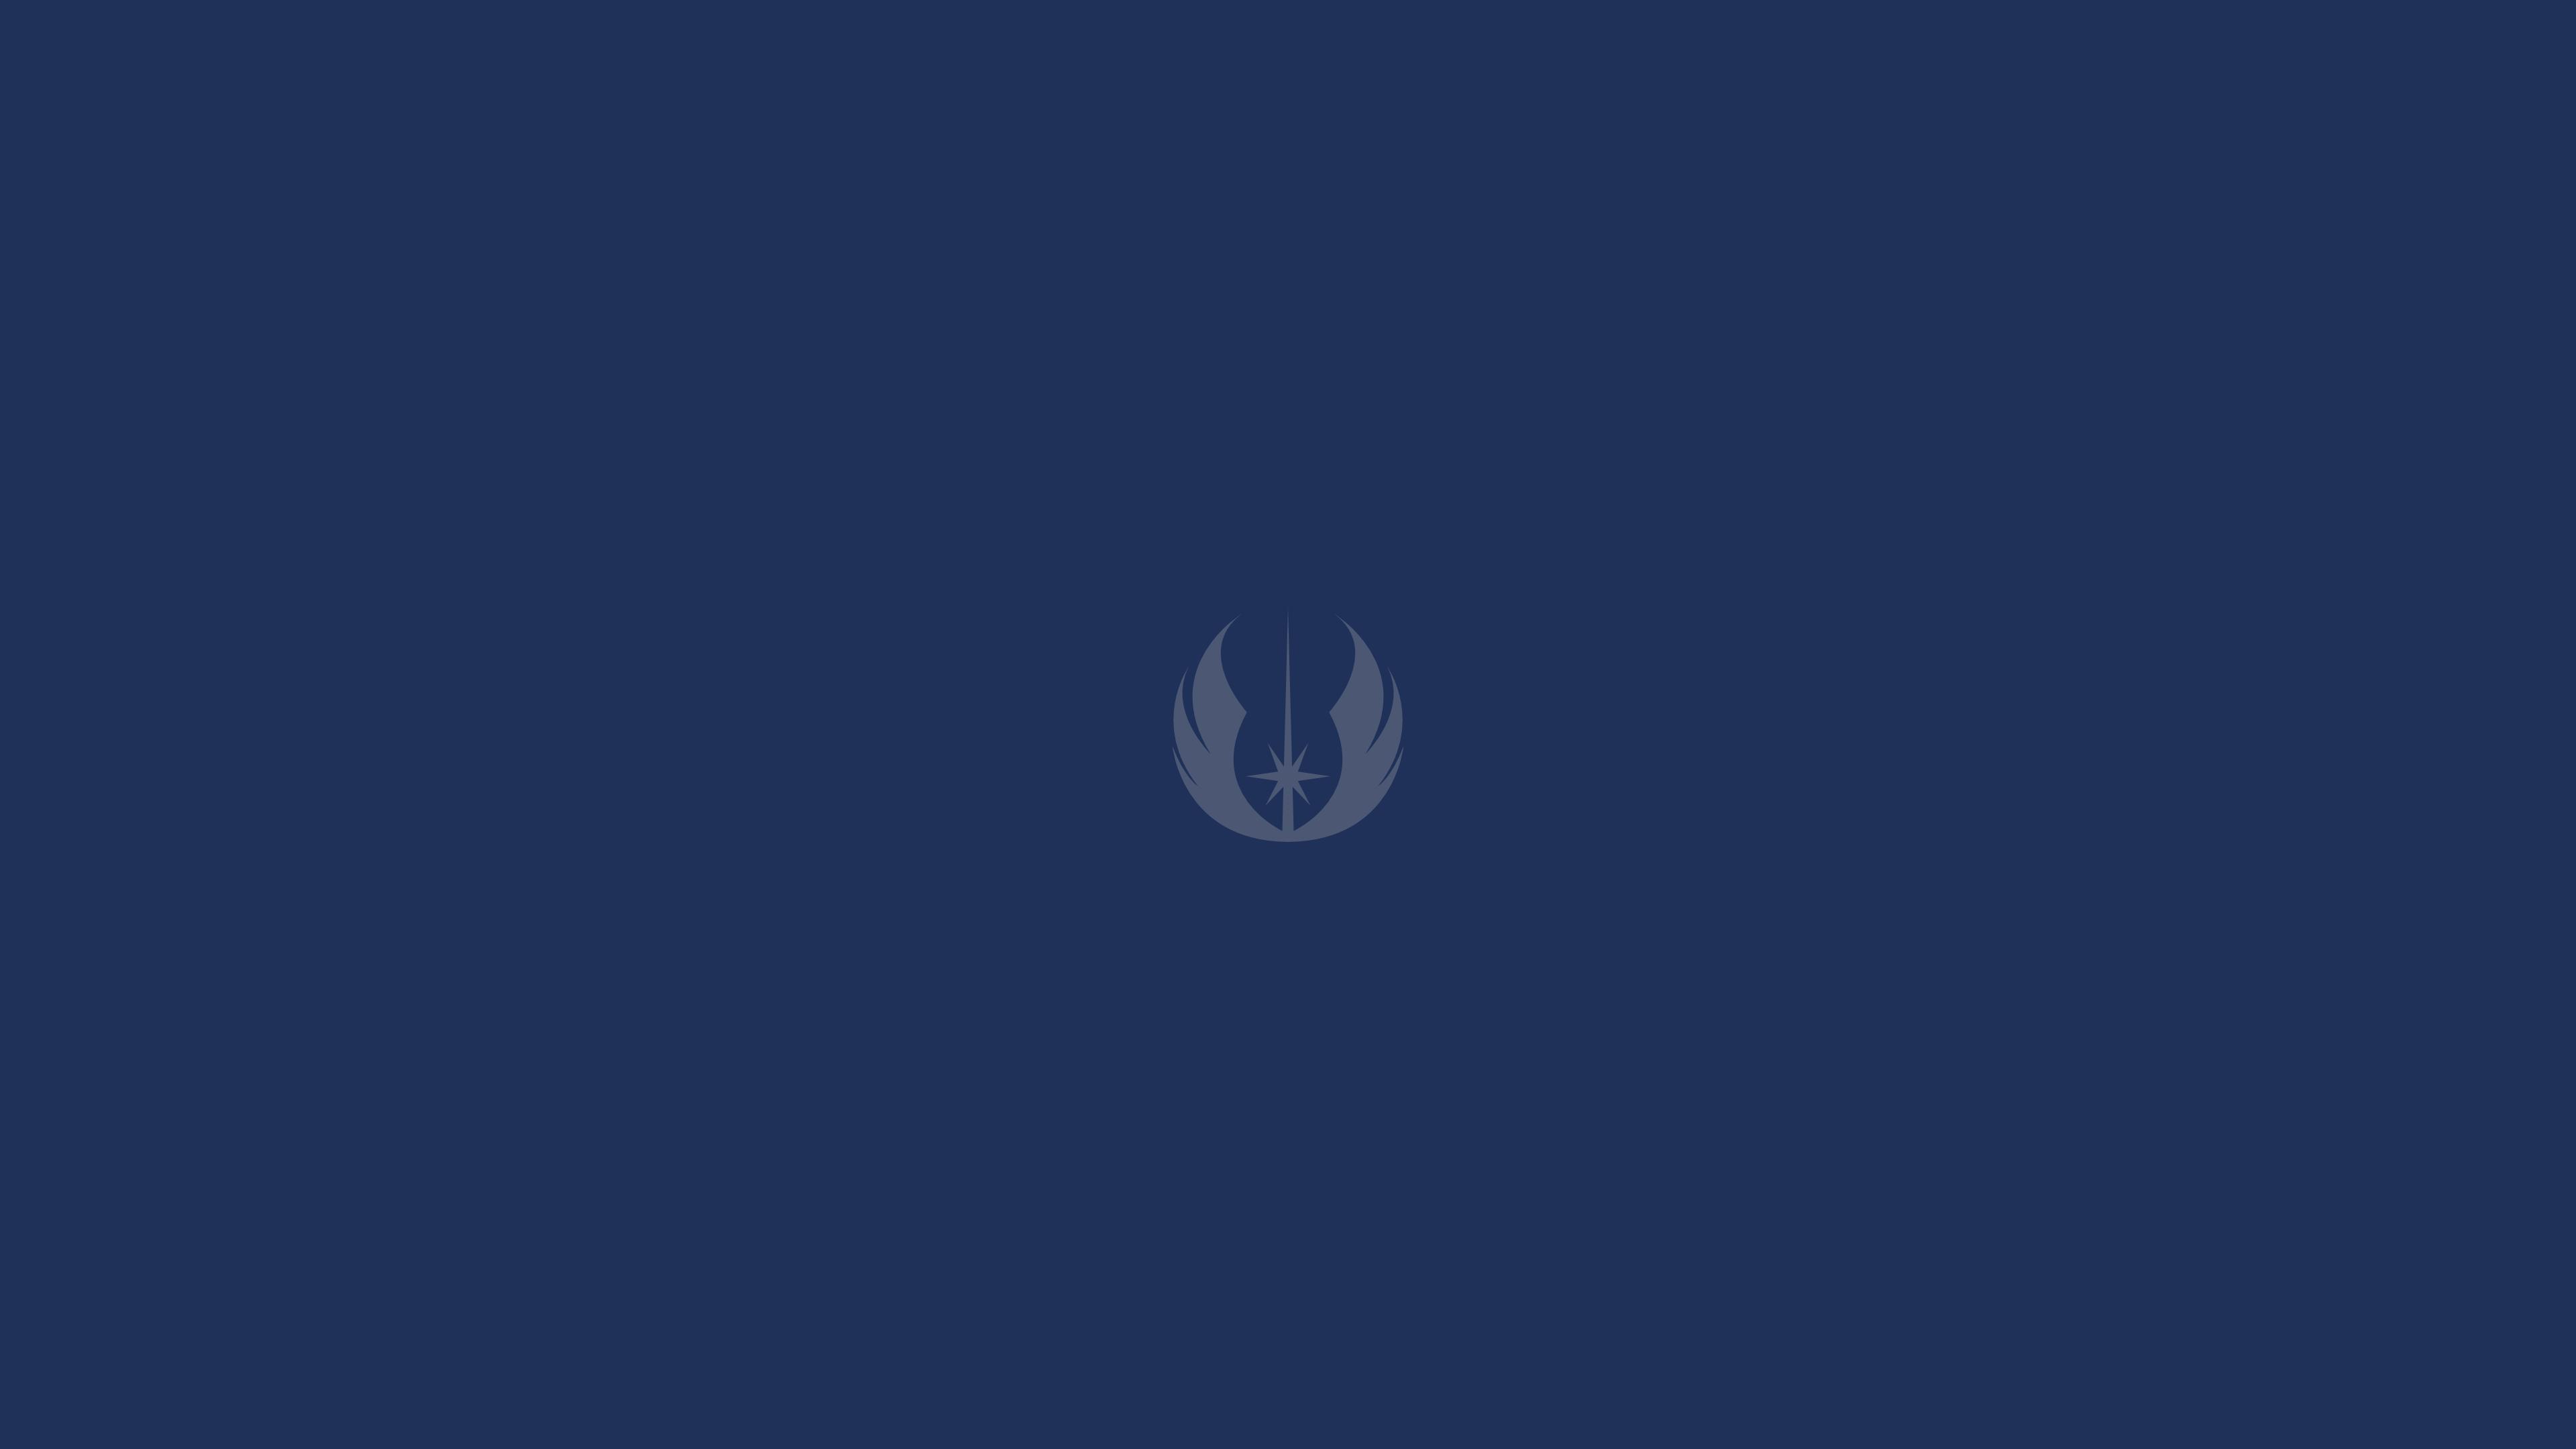 Wallpaper Star Wars Jedi Minimalism 3840x2160 Forrest 1826821 Hd Wallpapers Wallhere